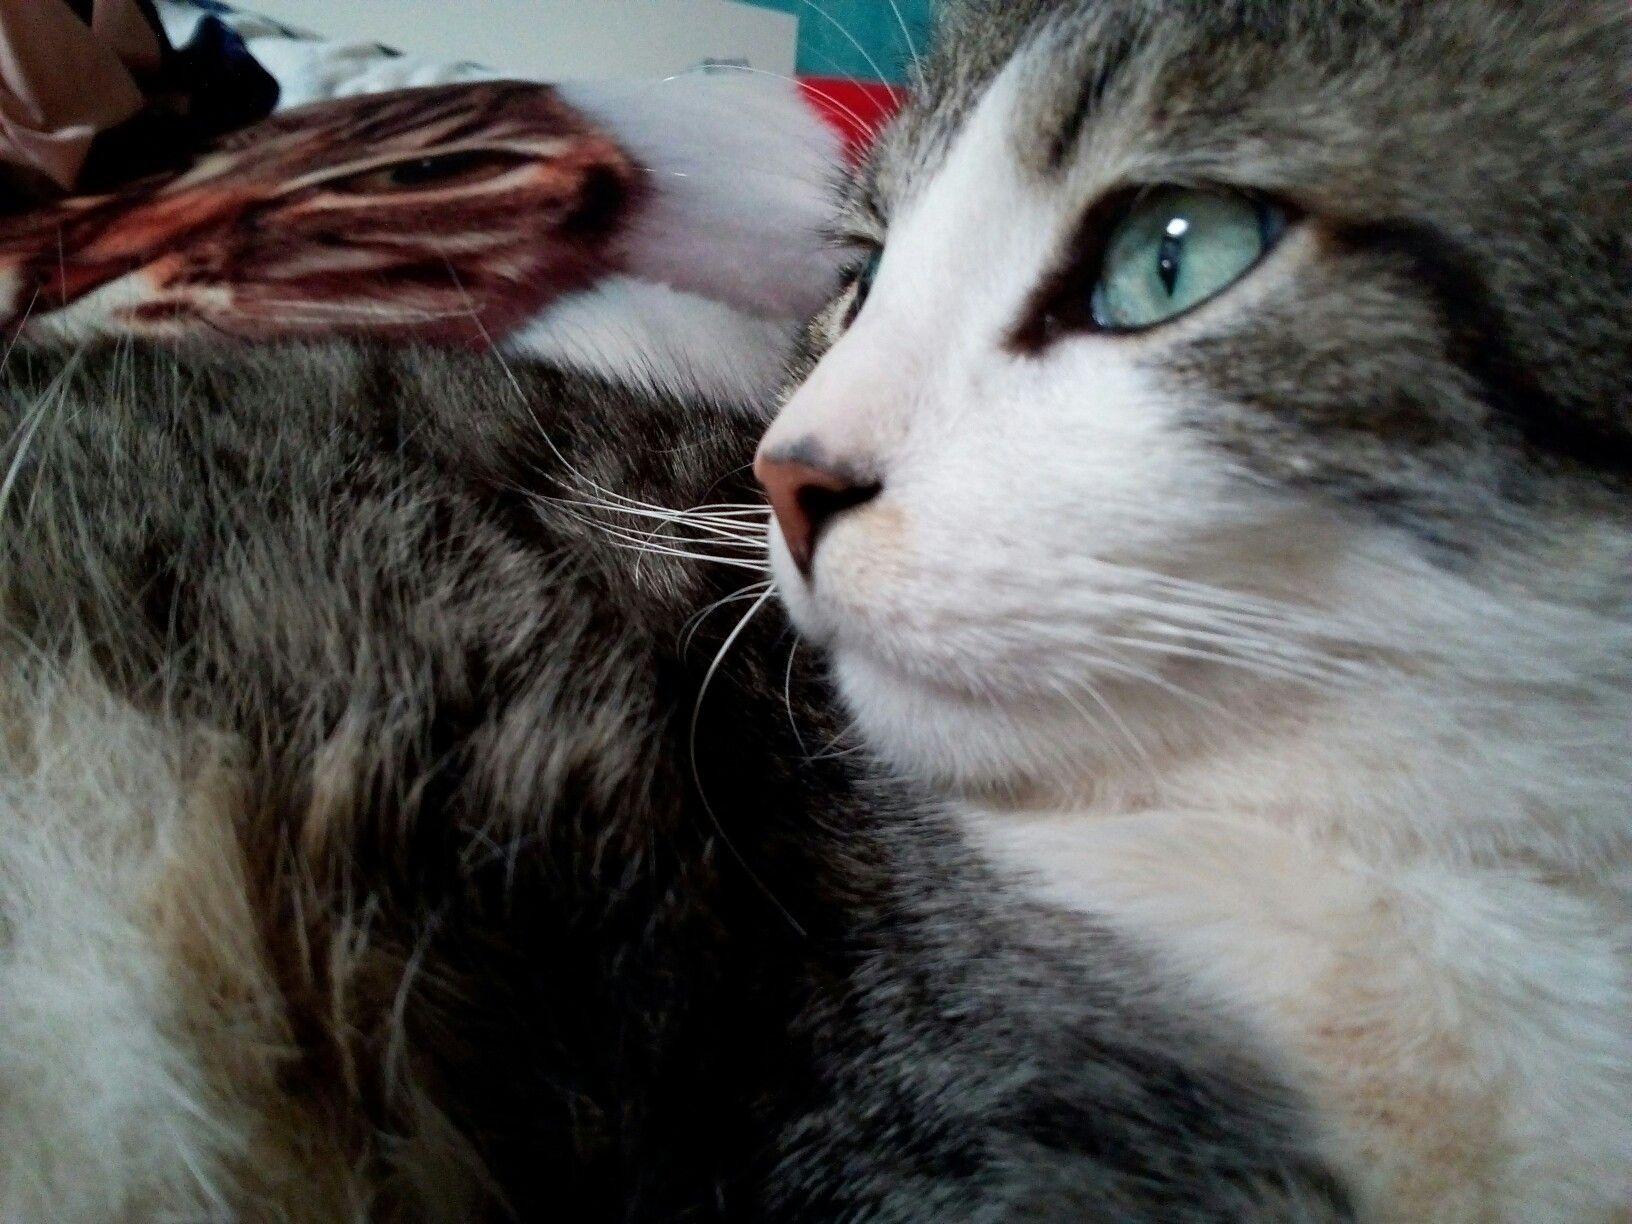 Merlin est très mignon chat  .C'est un gros chat 💖💖